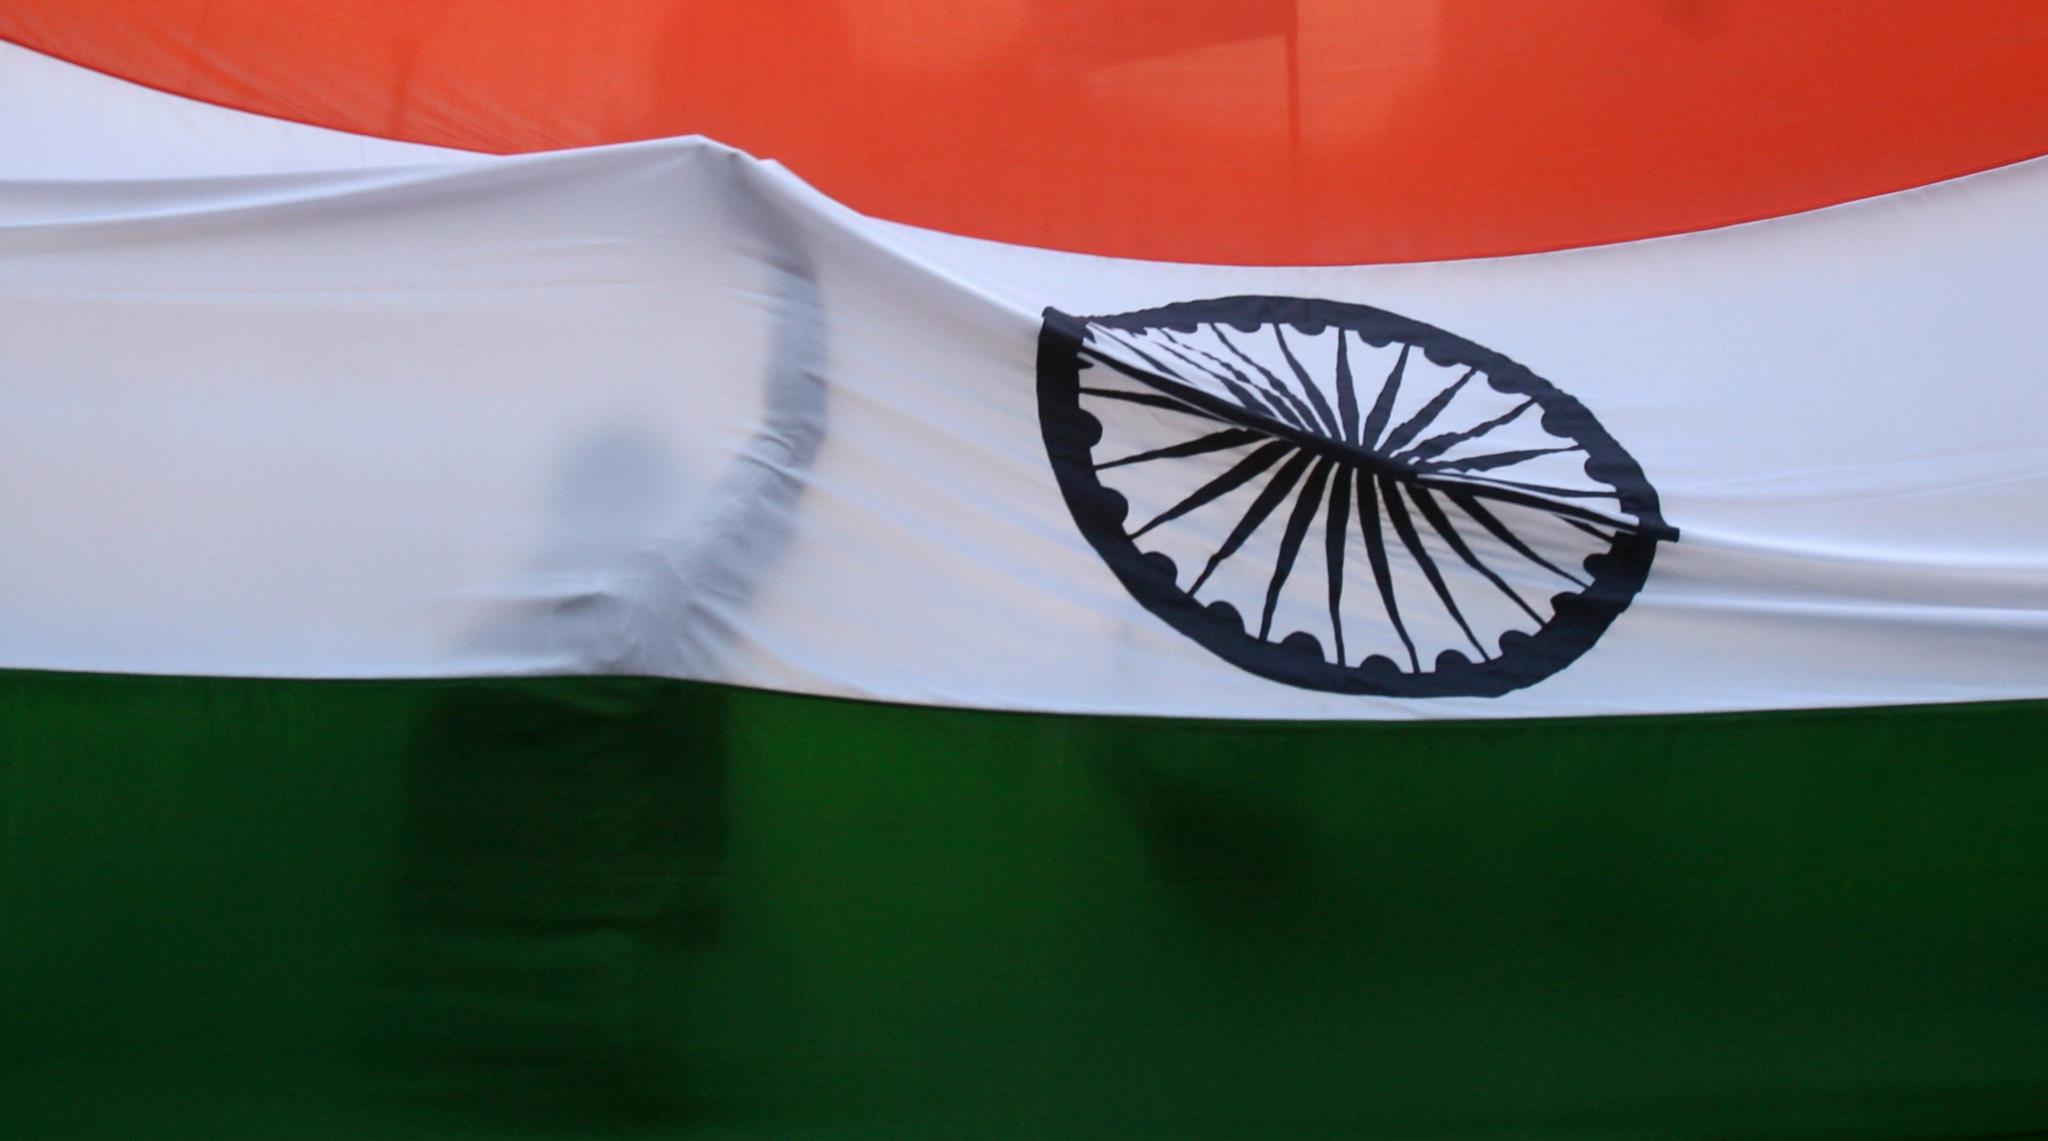 PÚBLICO - Colisão com autocarro escolar na Índia mata pelo menos 15 crianças